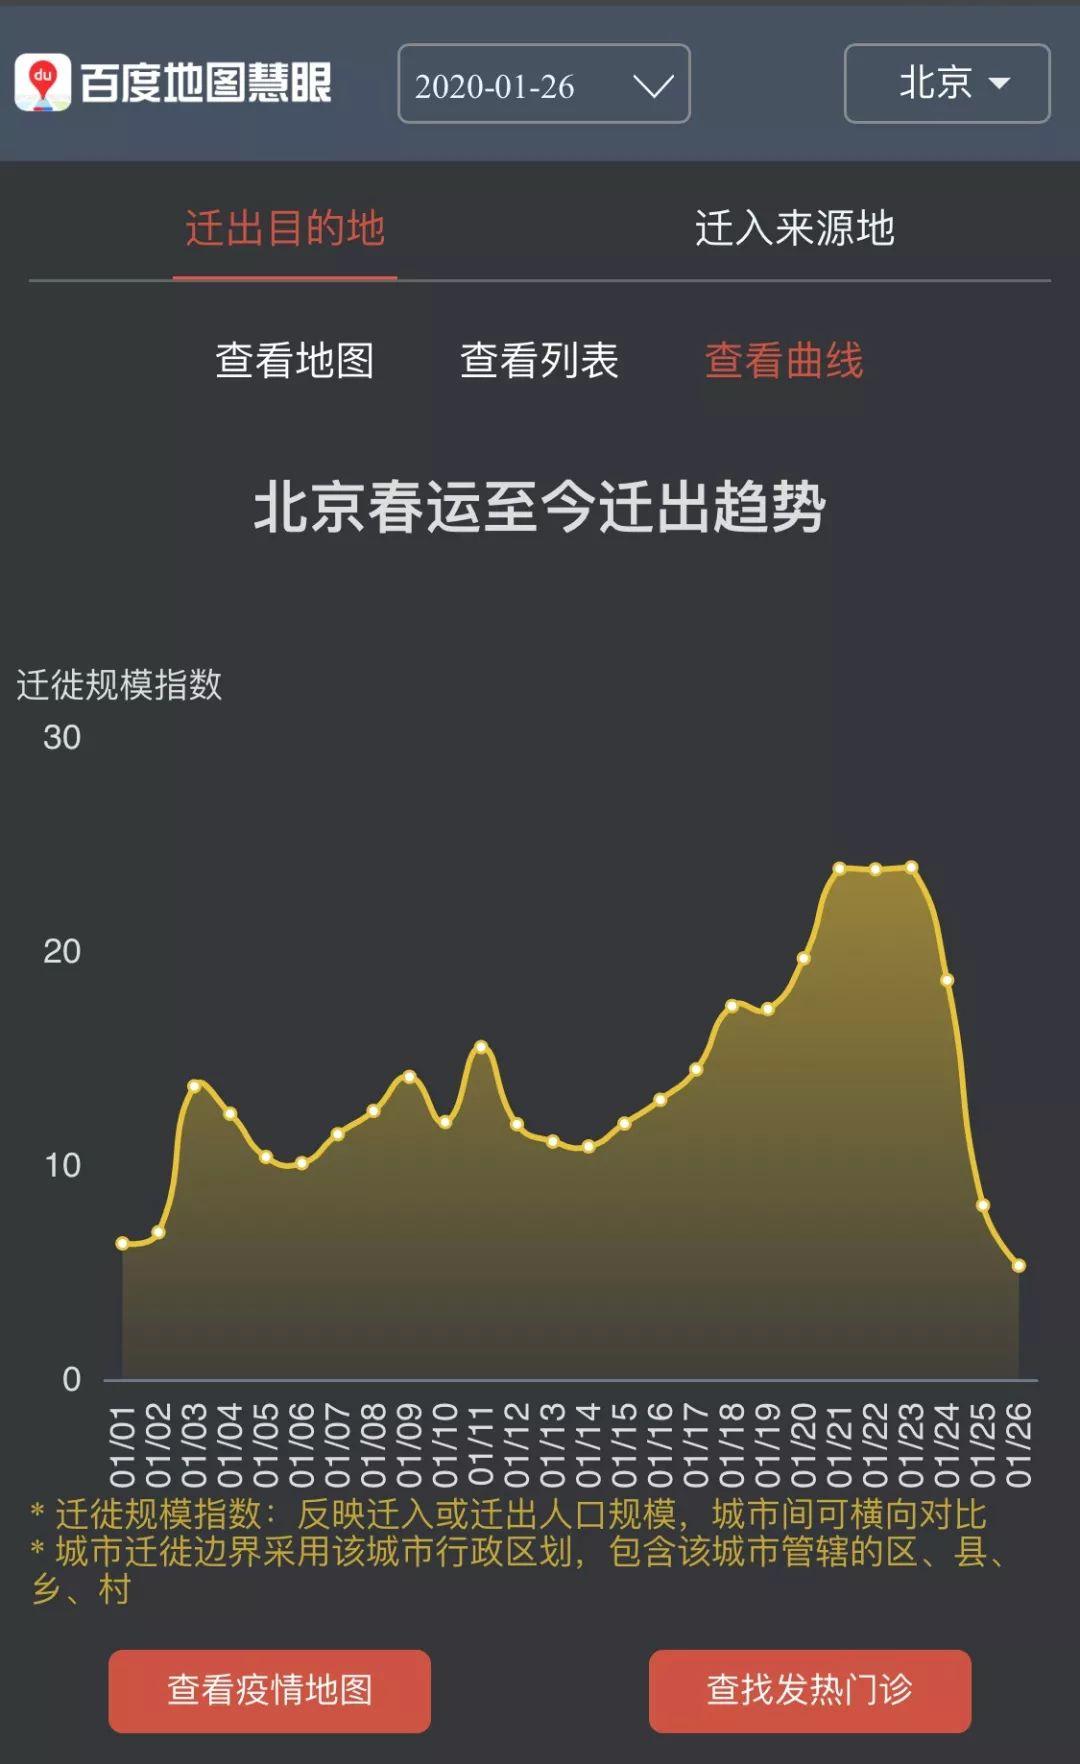 天妃捕鱼棋牌游戏官网